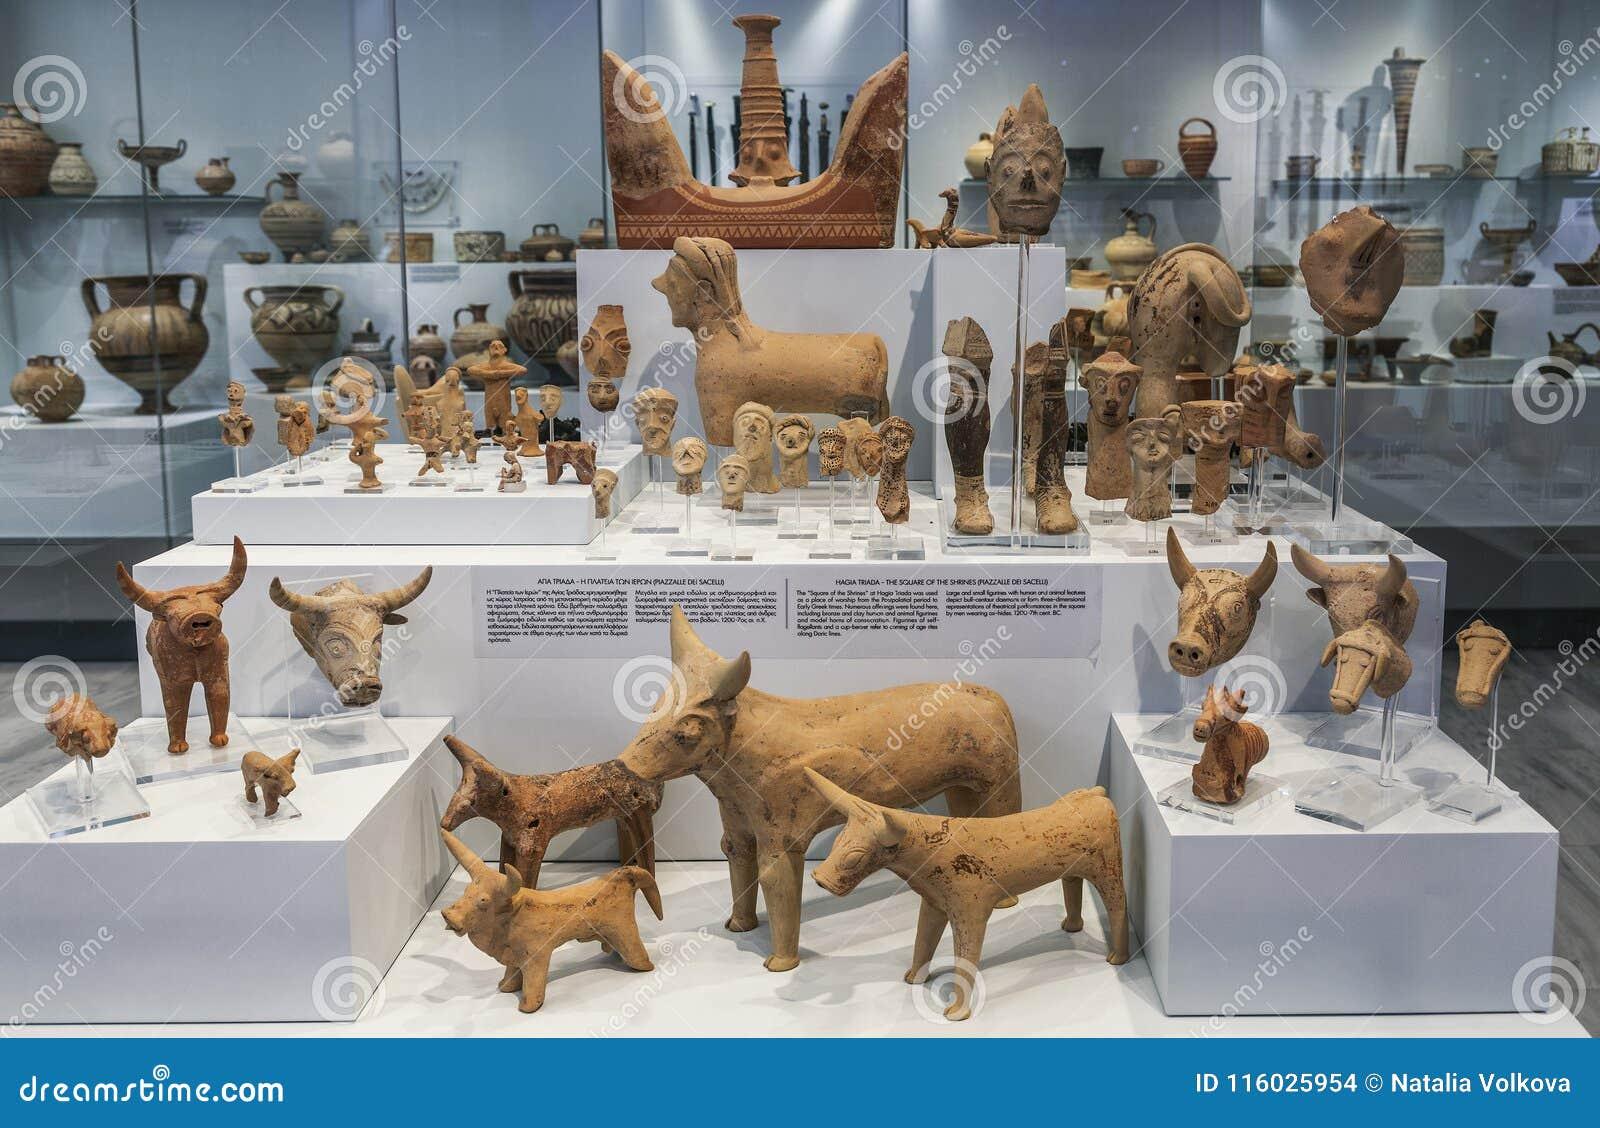 Les objets façonnés ont trouvé pendant les excavations archéologiques dans Agia Triada, un règlement de Minoan en Grèce dans les